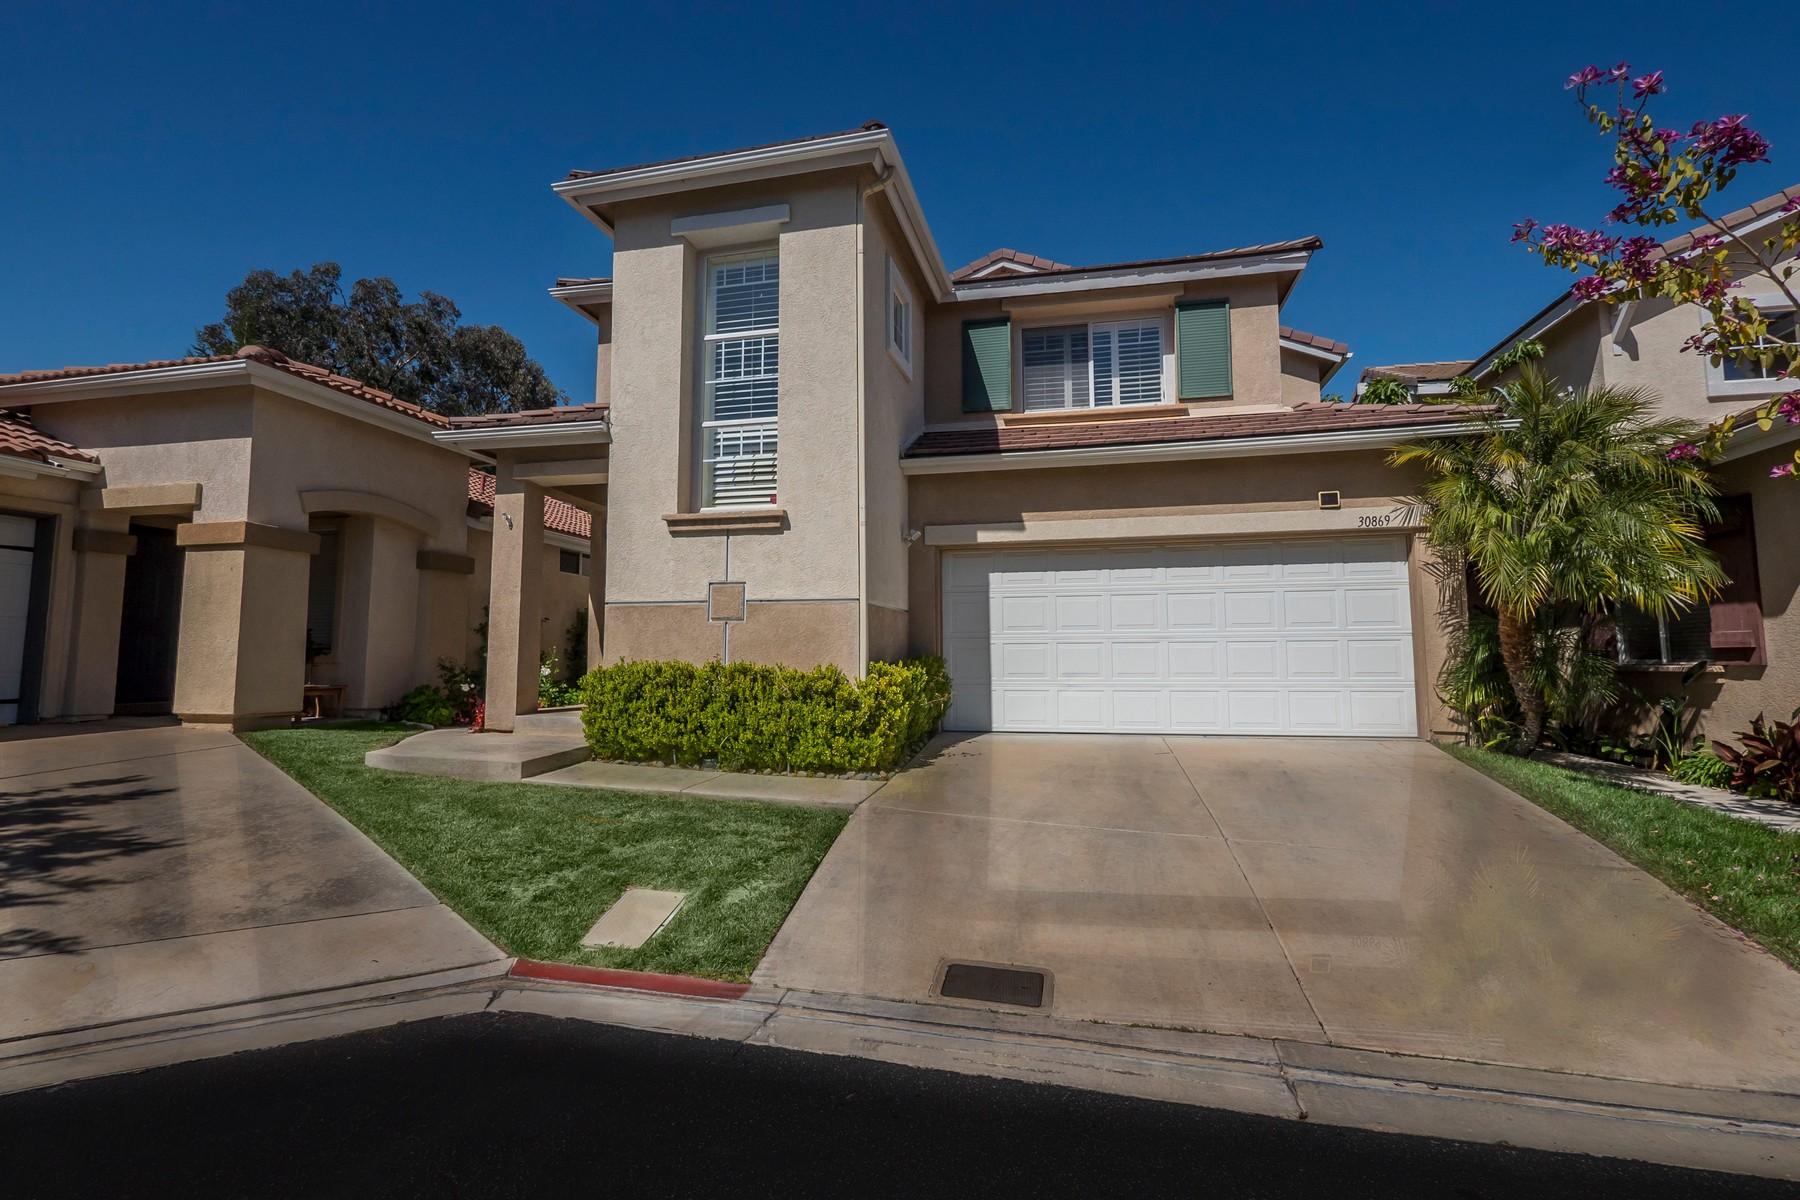 Einfamilienhaus für Verkauf beim Champagne Ct. 30869 Champagne Ct Westlake Village, Kalifornien, 91362 Vereinigte Staaten